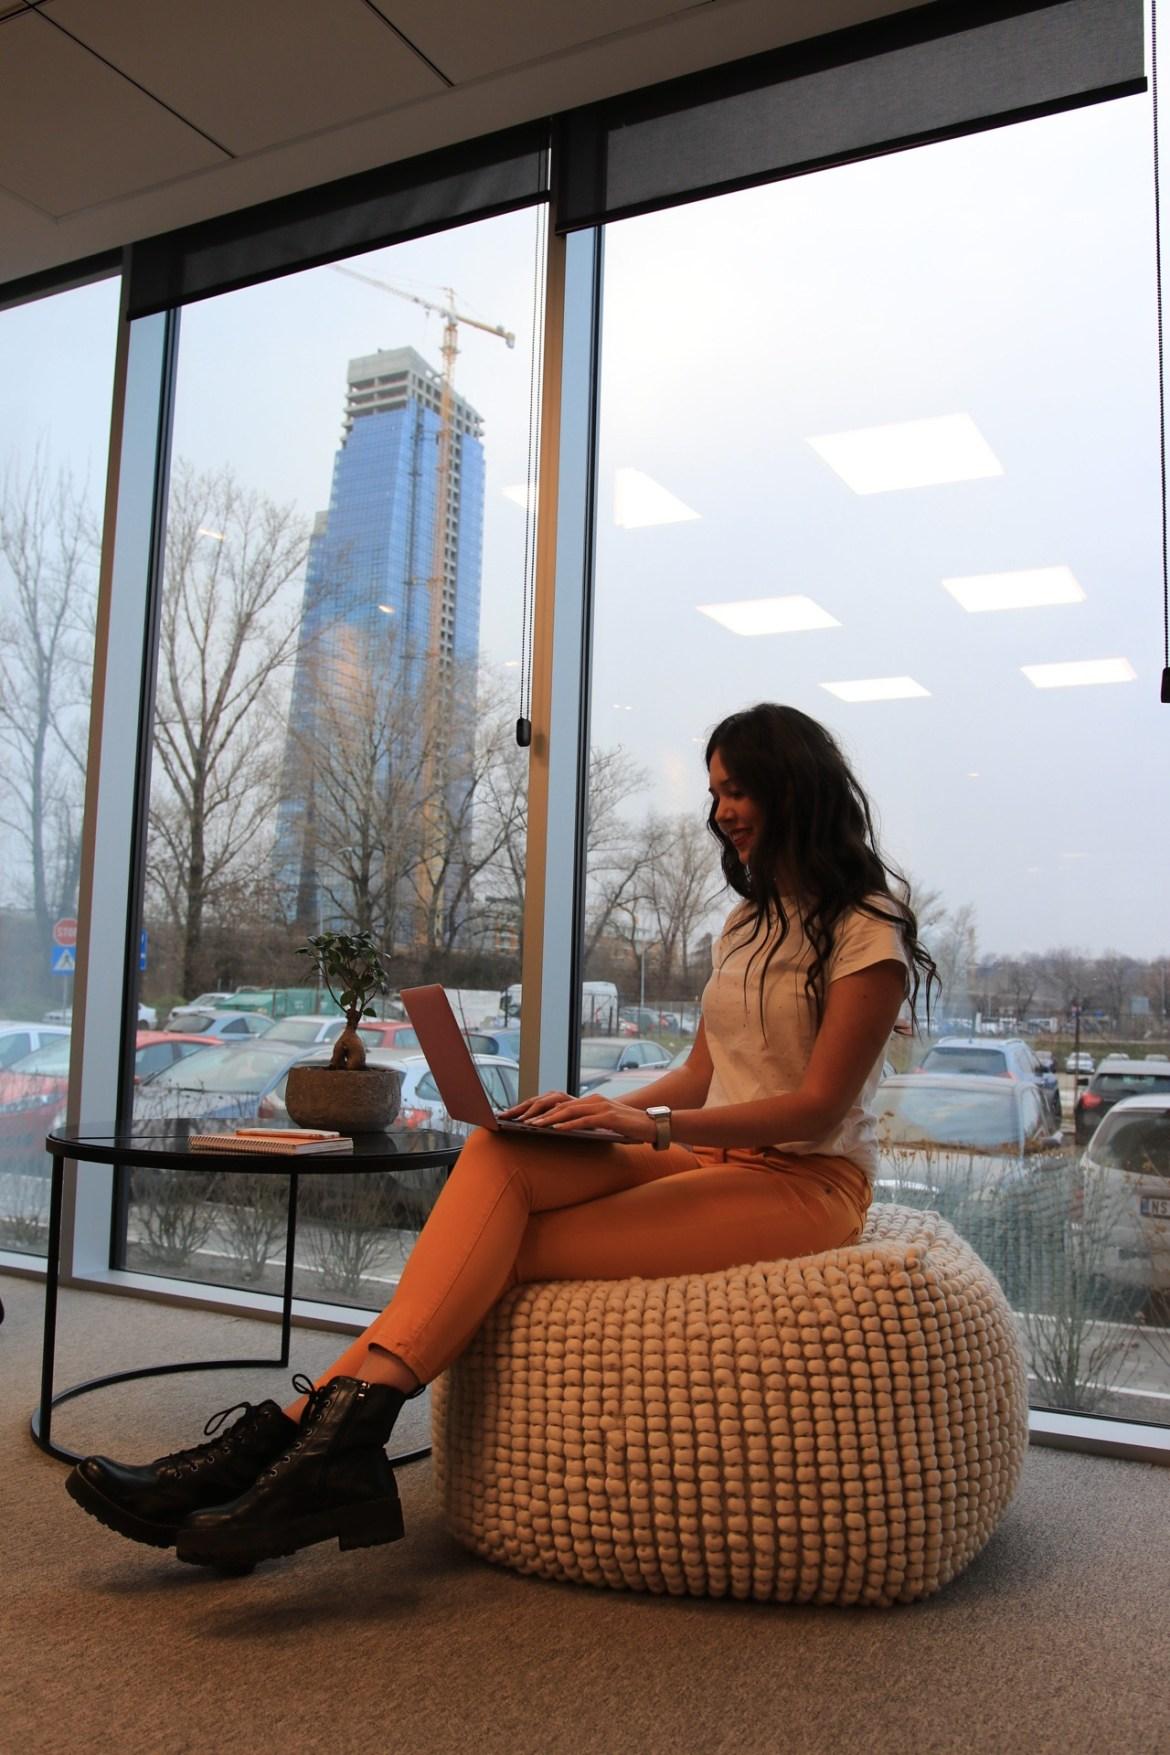 Omiljena mesta za rad u Beogradu